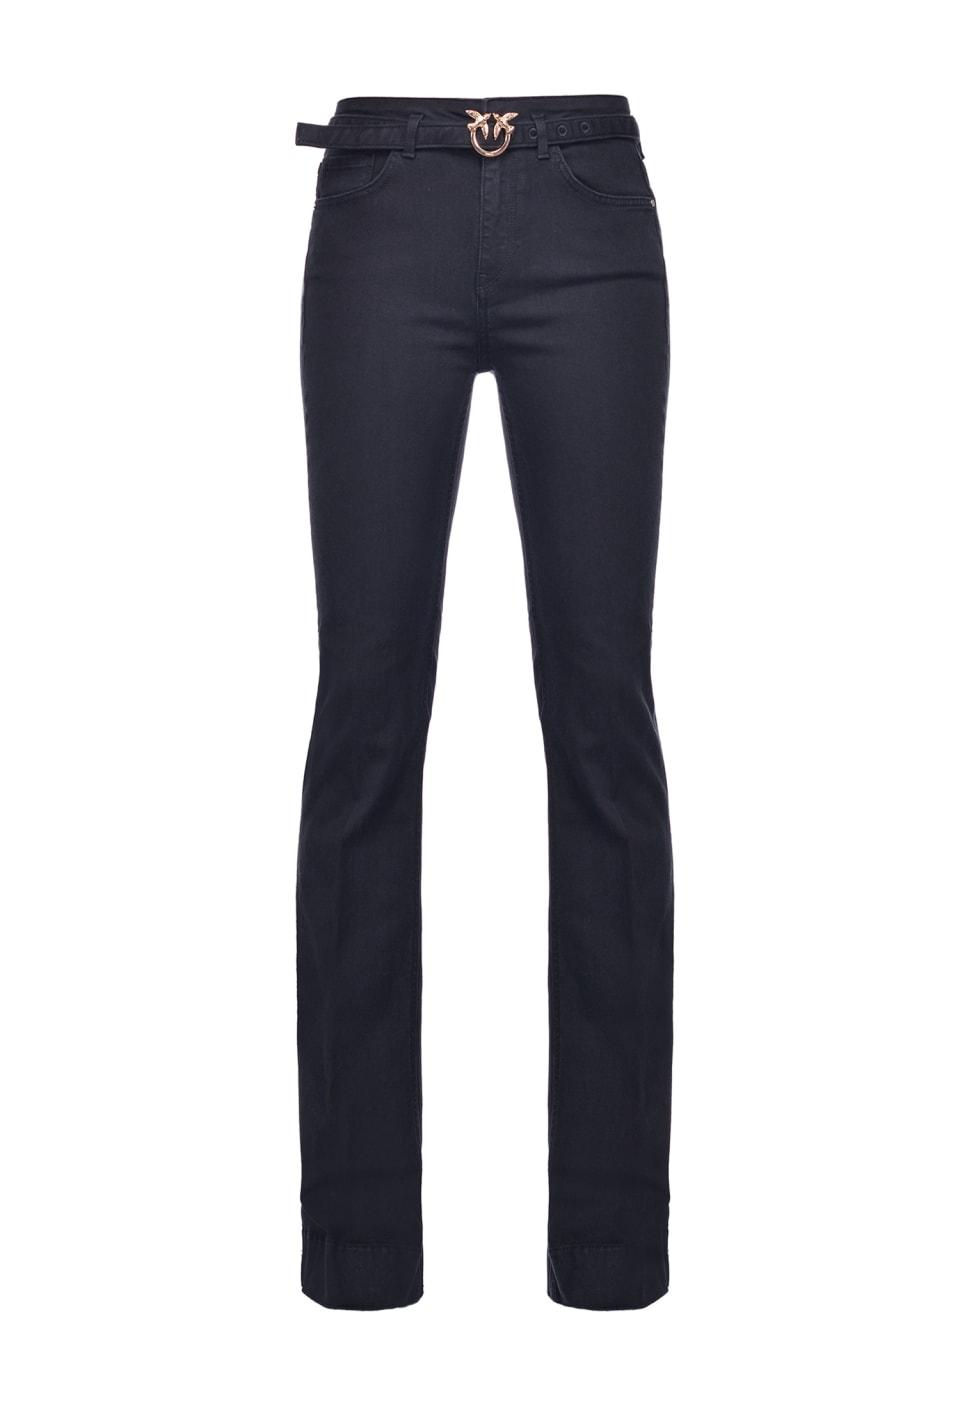 Schwarze Flare-Jeans aus Stretch-Denim mit Gürtel - Pinko